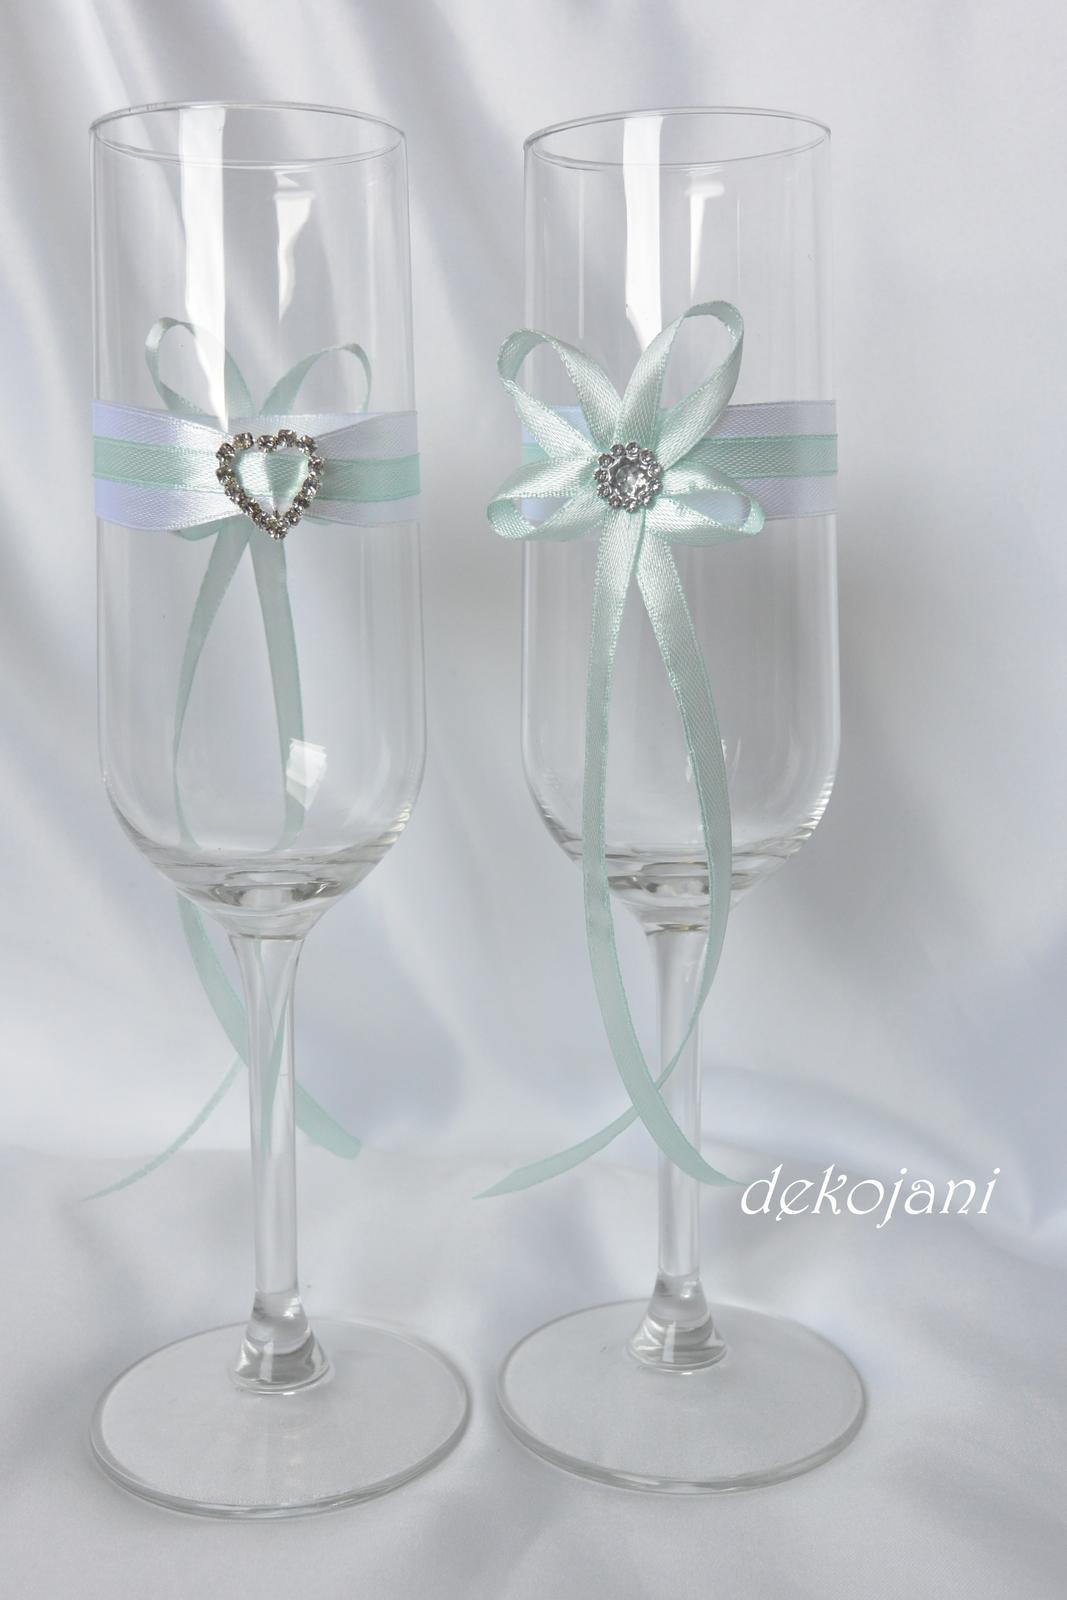 Jmenovky, svatební skleničky, mašle, závoje.. - Obrázek č. 6